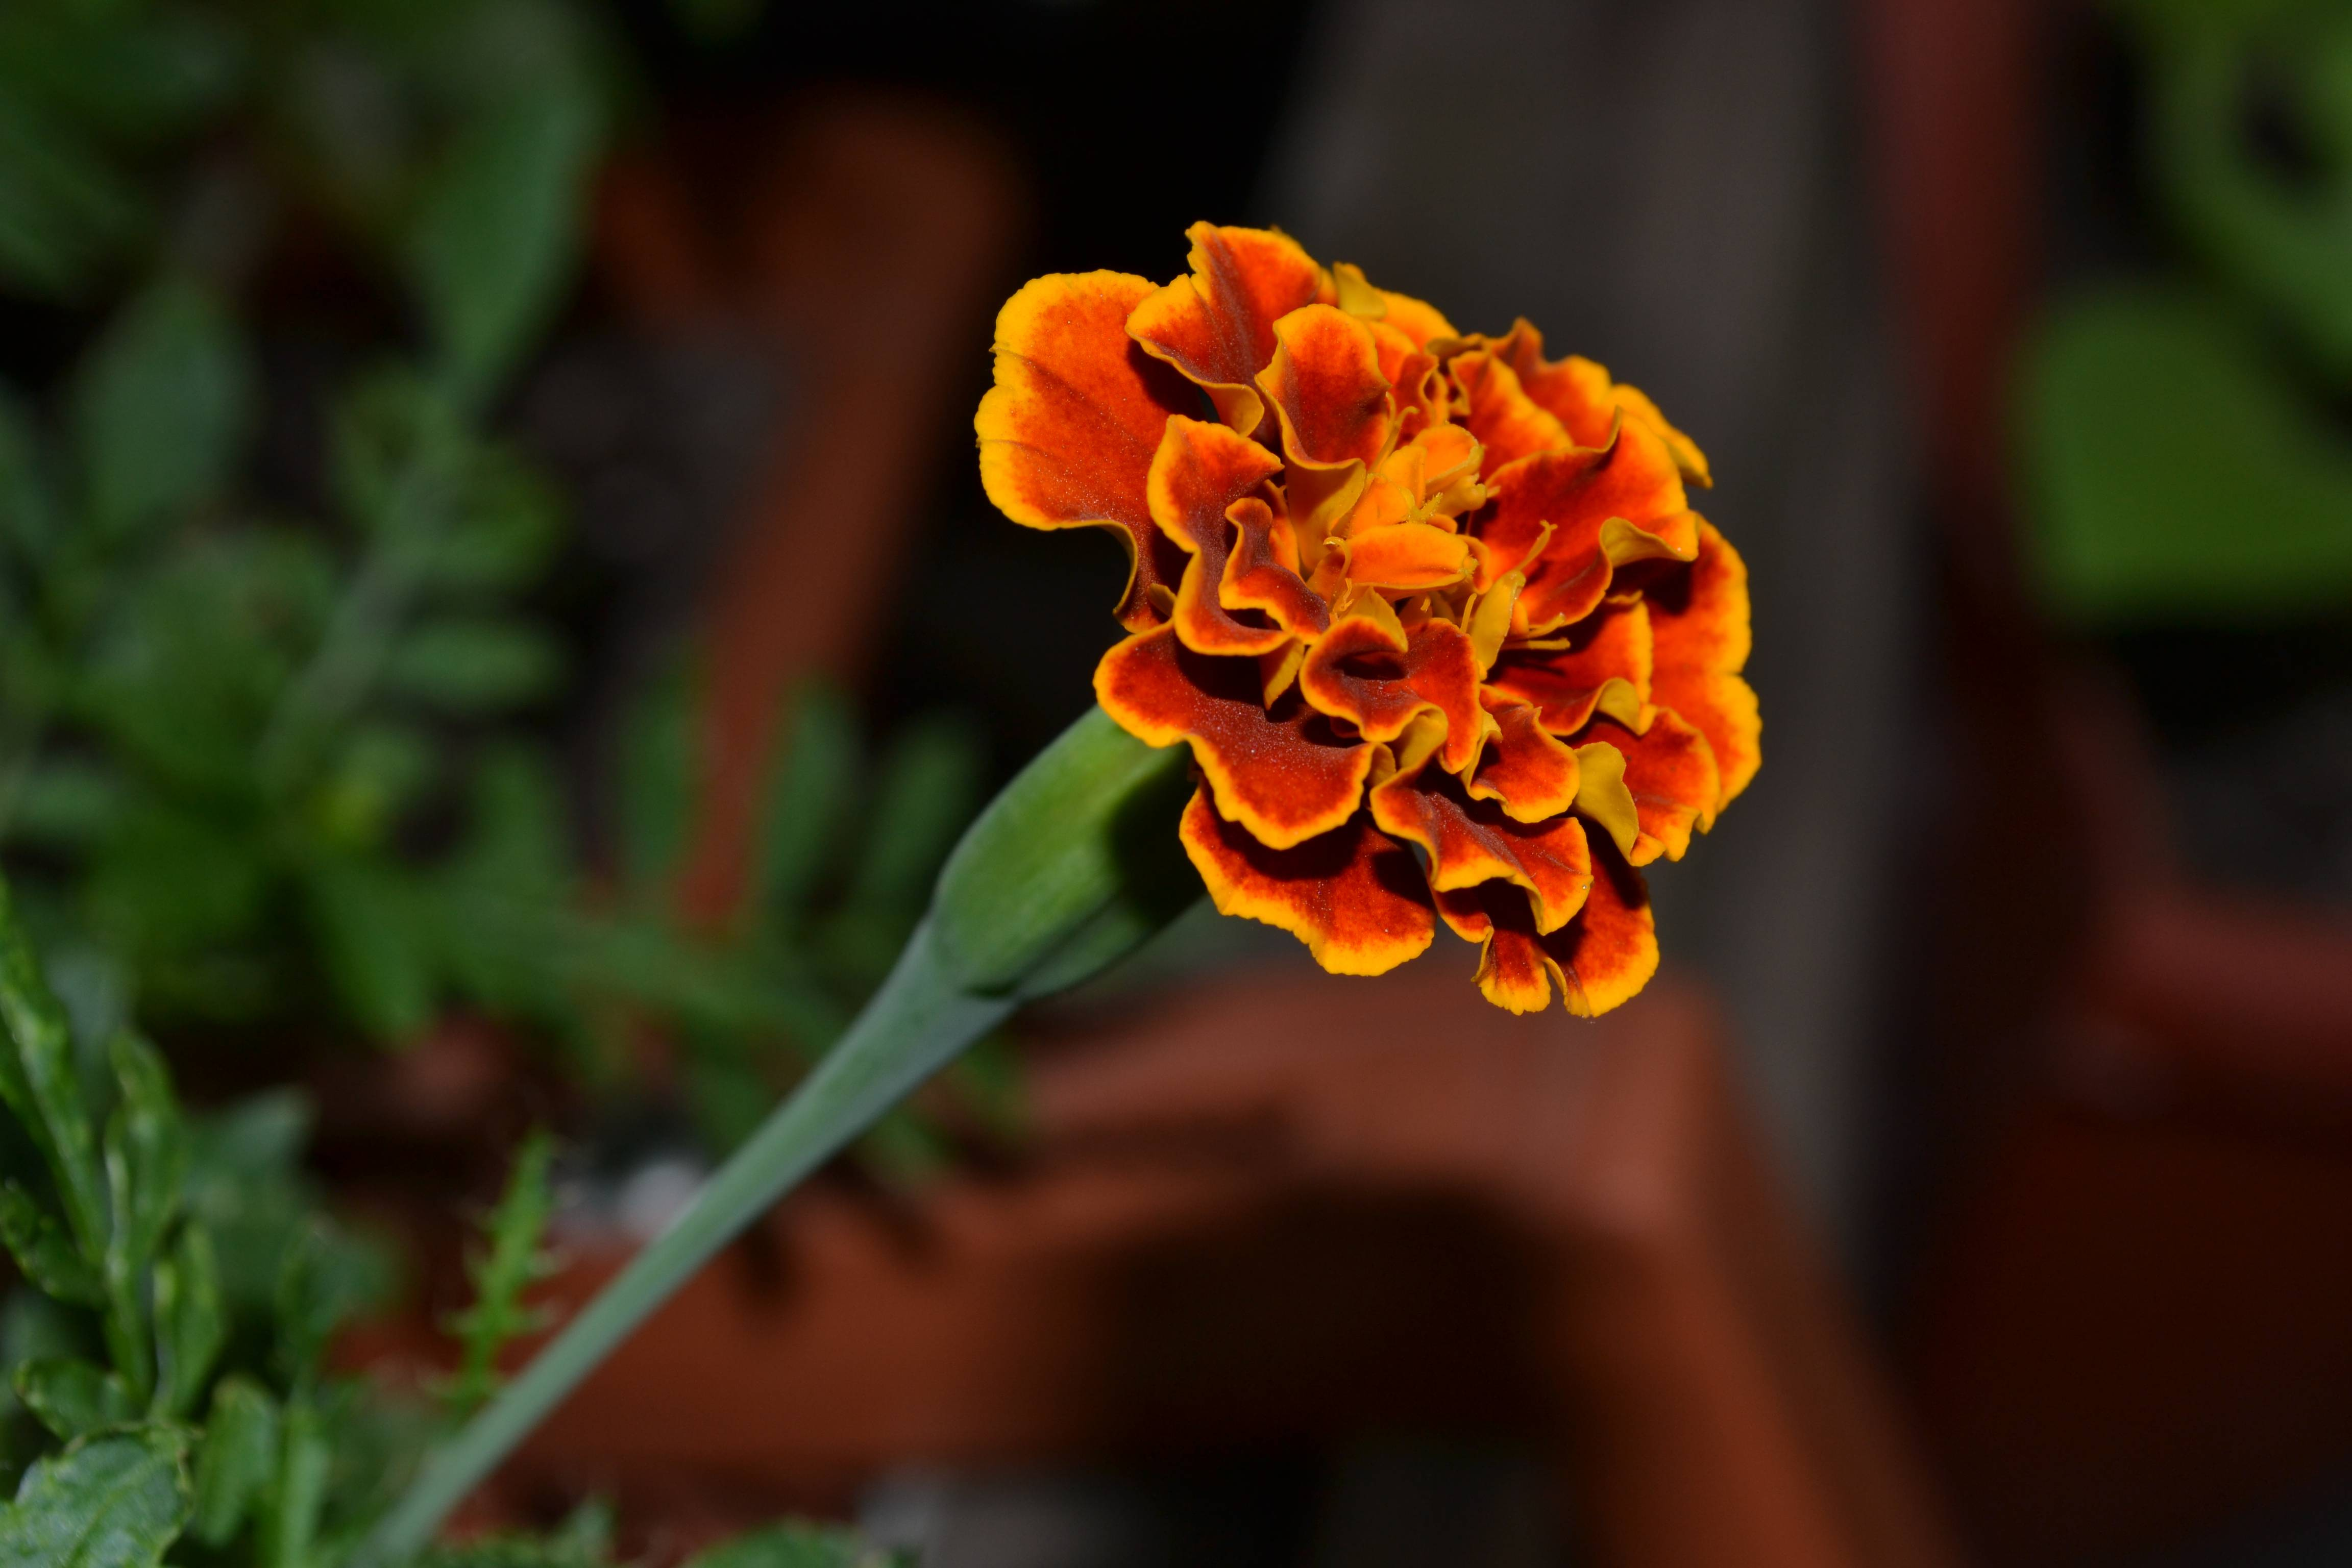 Цветы бархатцы: фото, названия и описание сортов, видео посадки, уход и размножение бархатцев